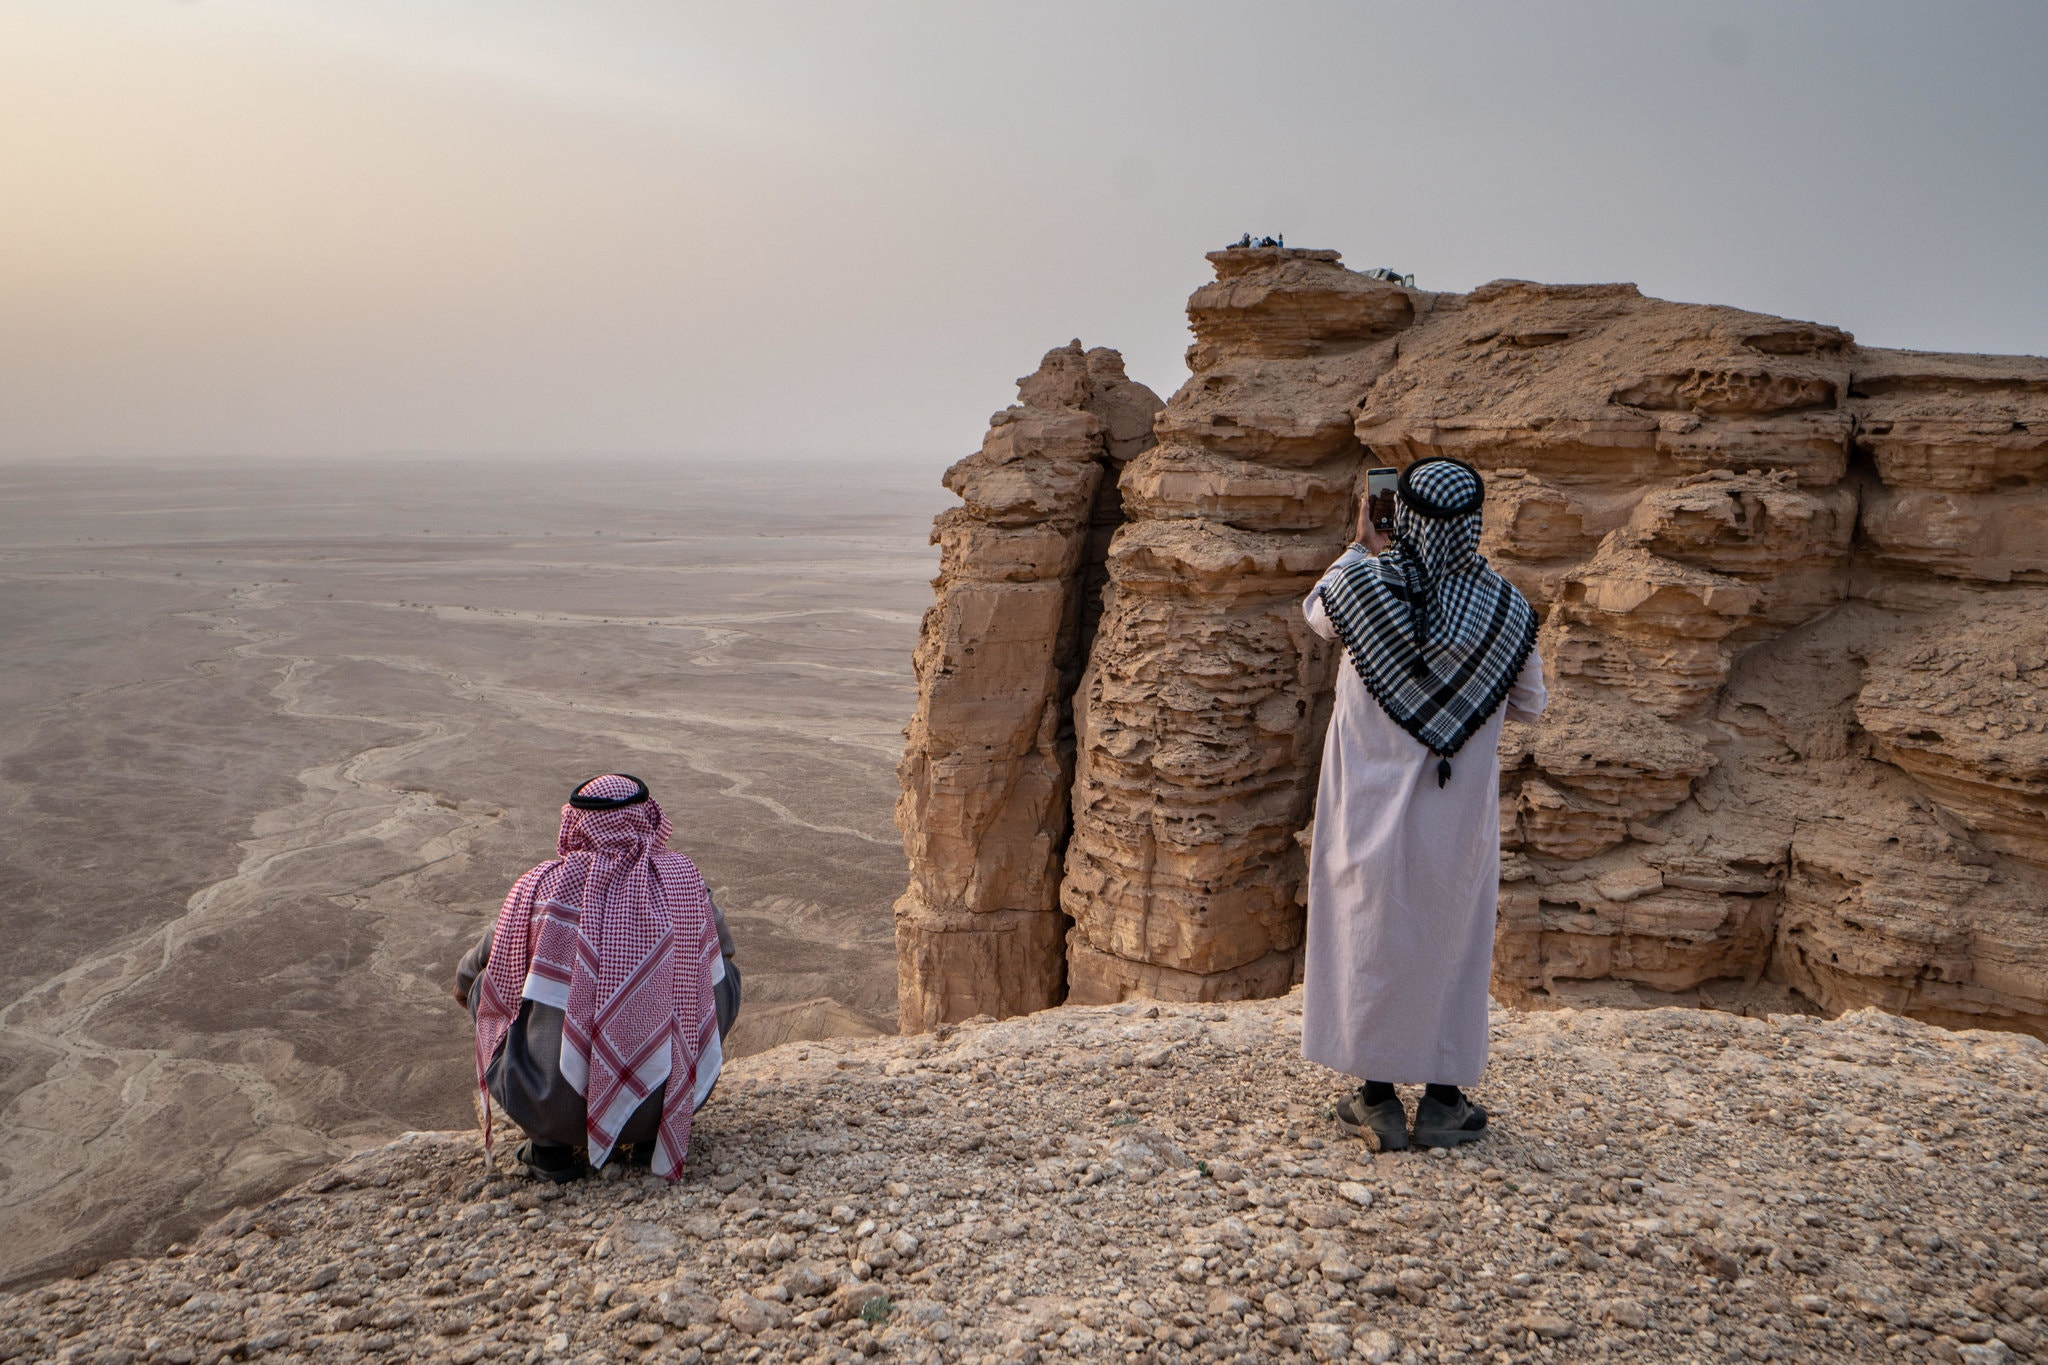 قمة منحدرة تقدم منظرًا غير متقطع للأفق يُطلق عليه حافة العالم في السعودية